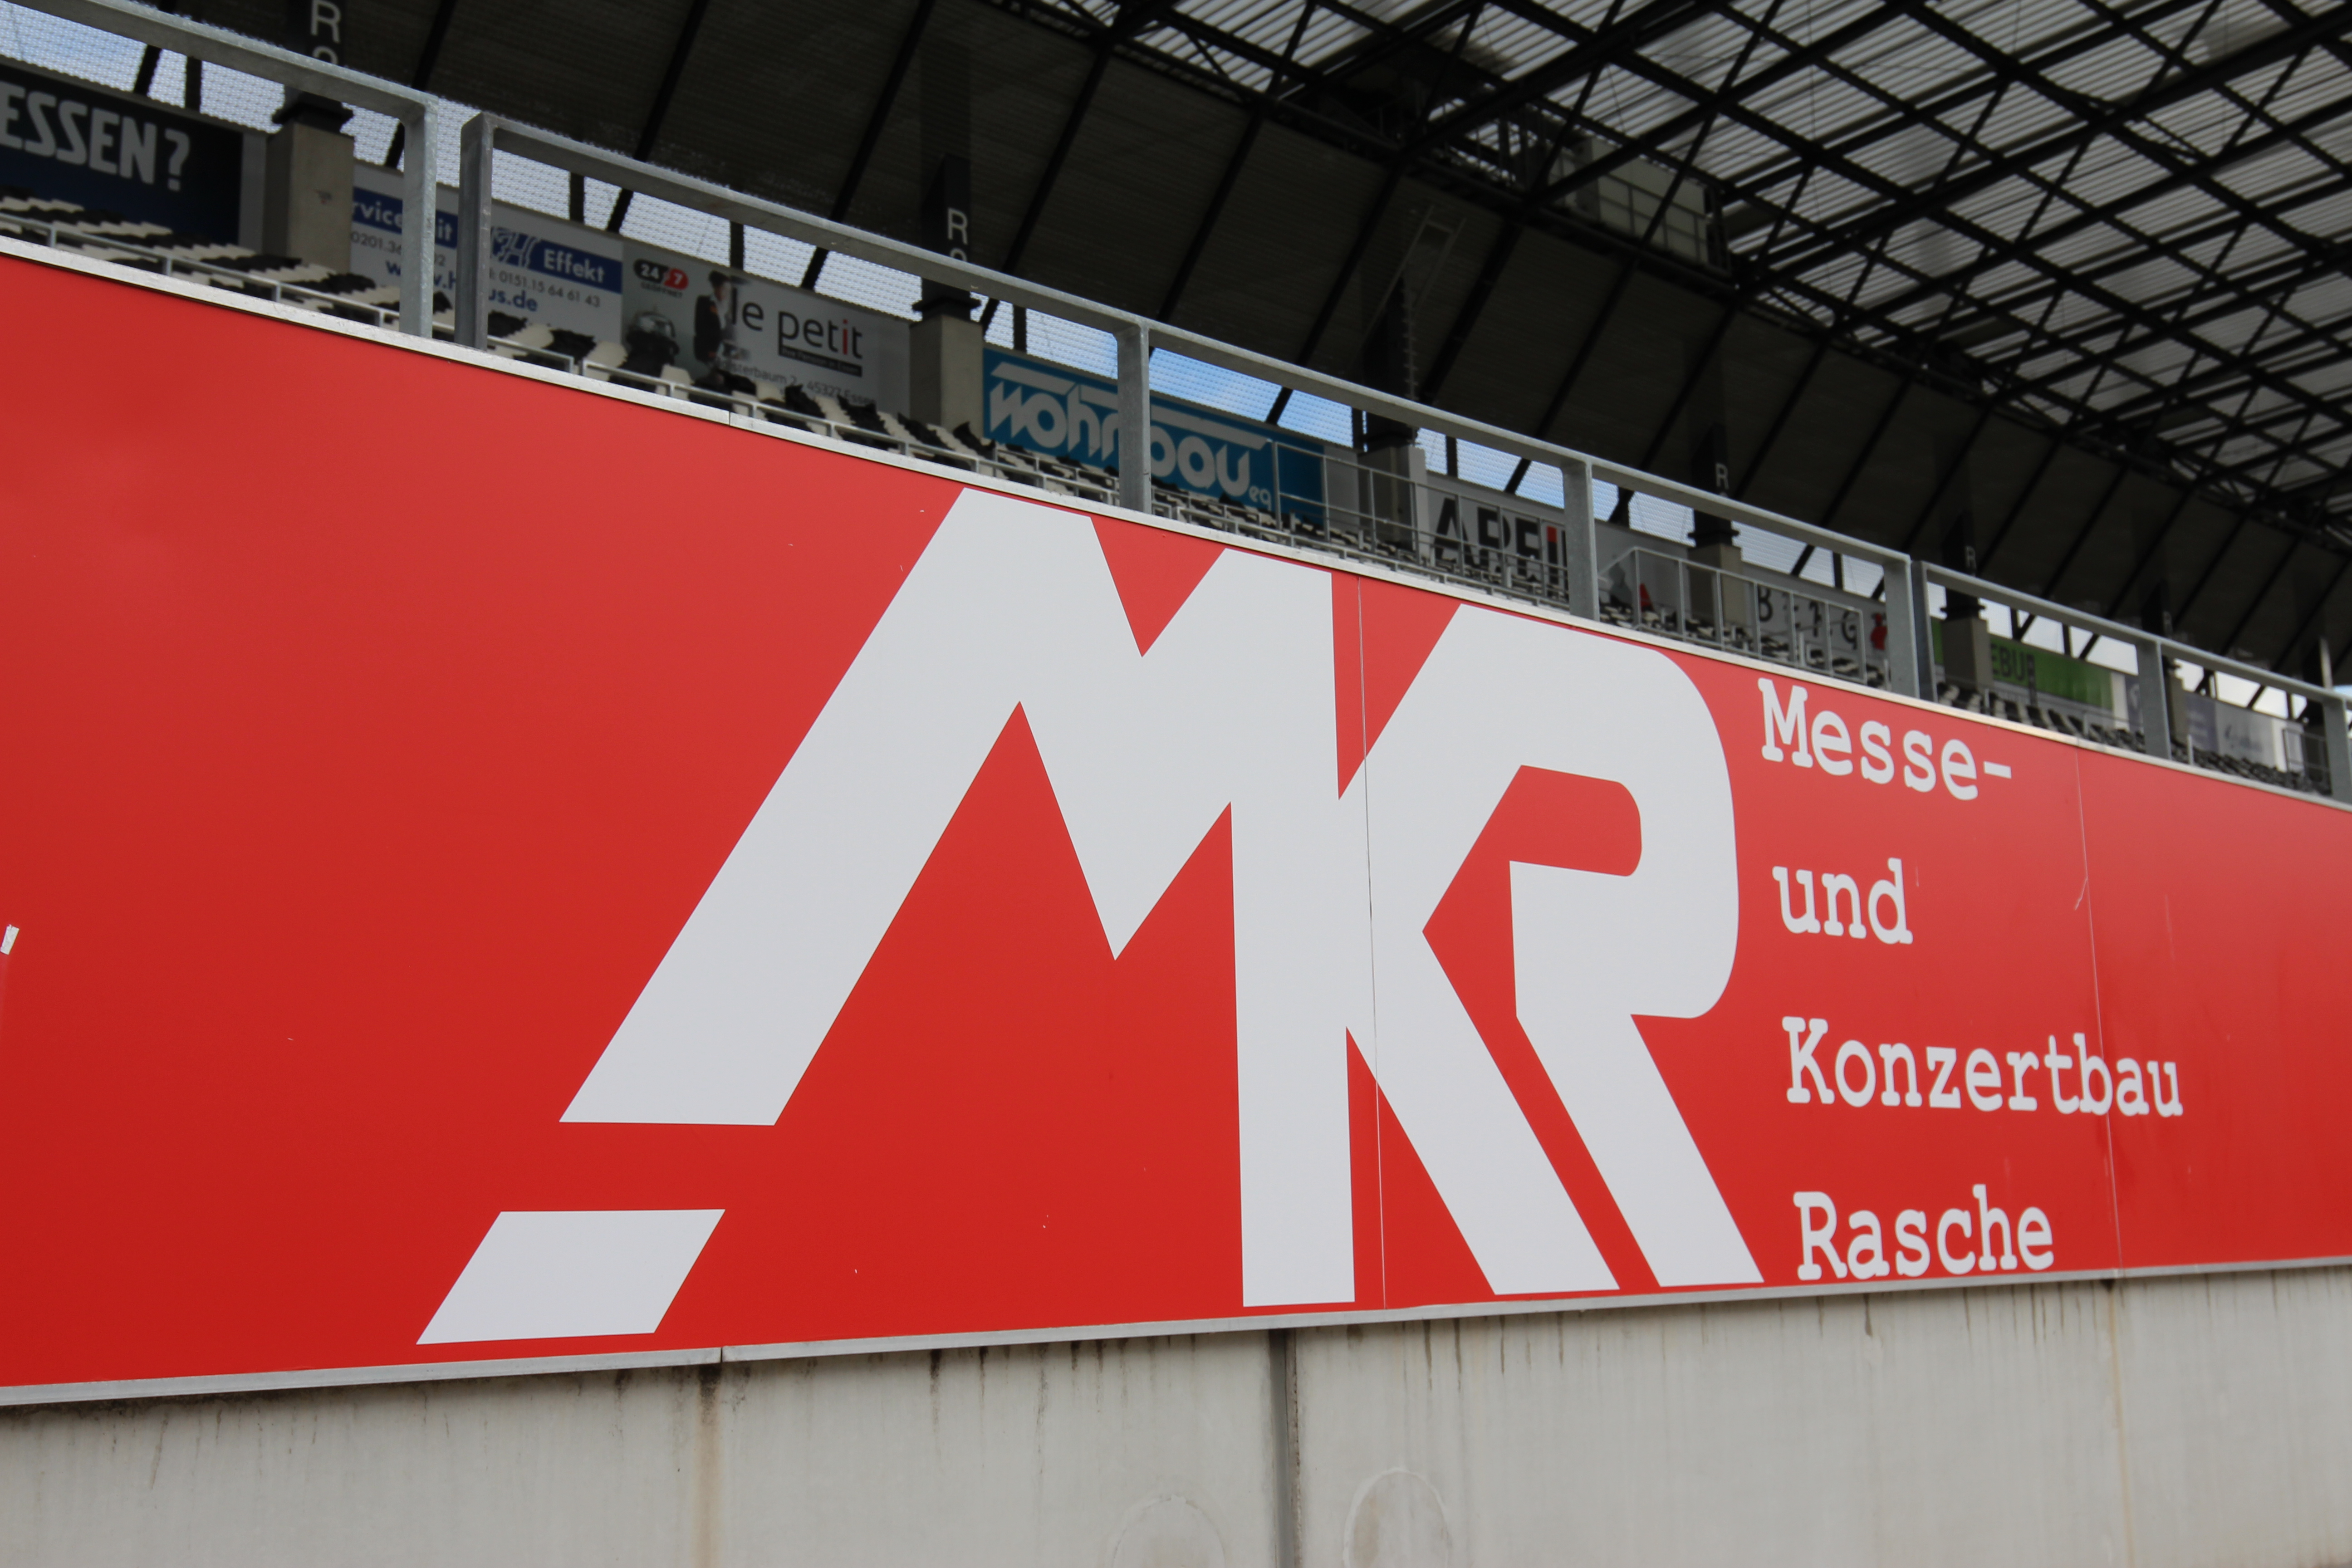 Auch an der Hafenstraße vertreten: Business-Partner MKR.